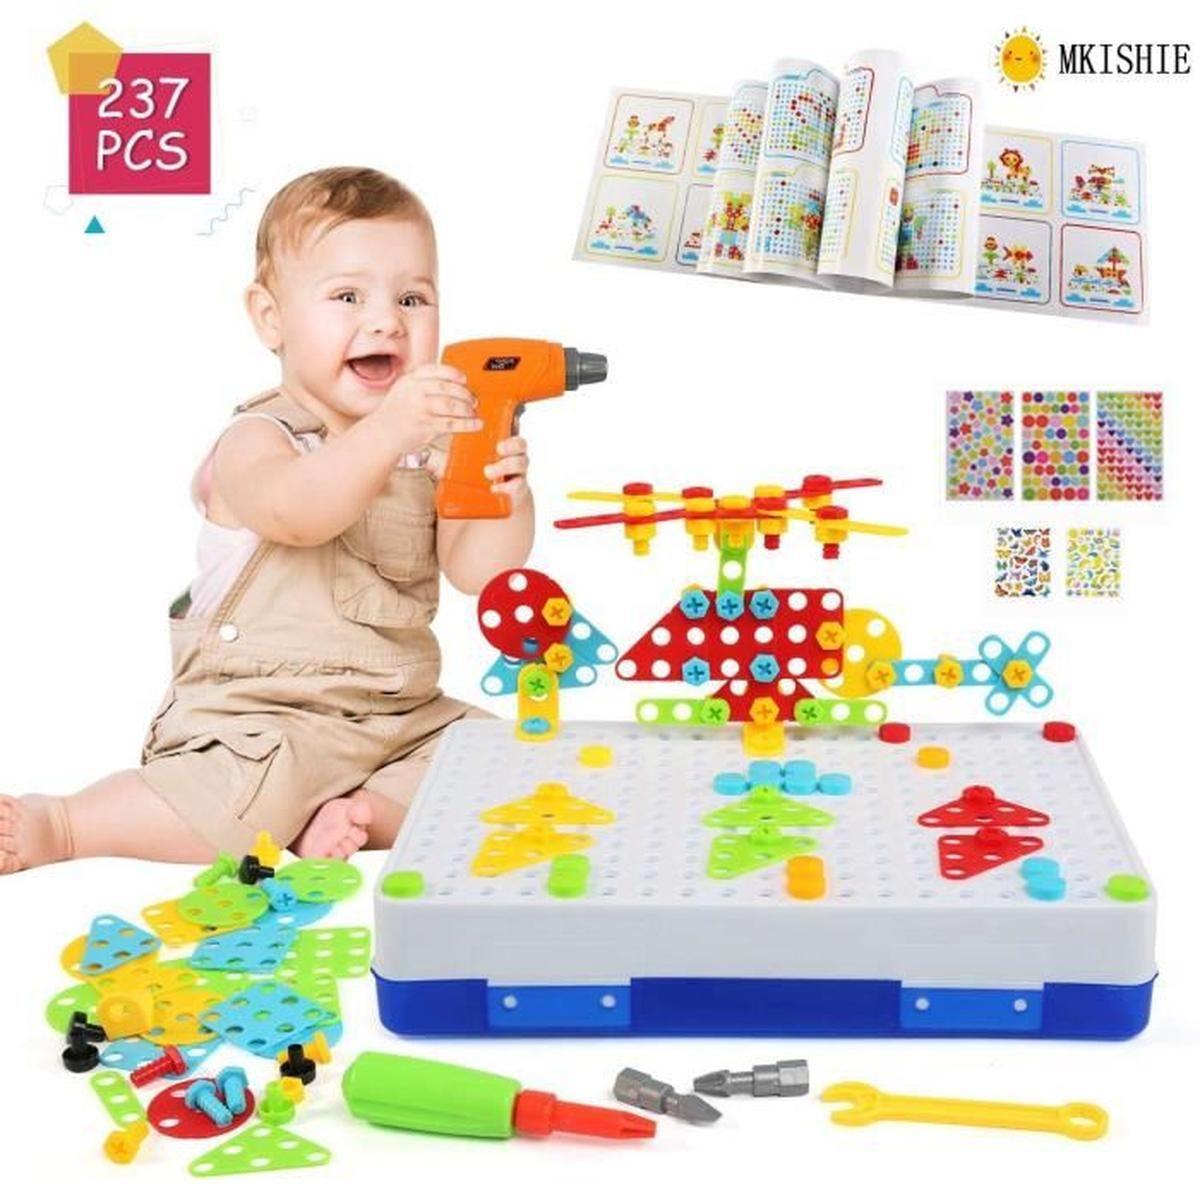 Jeu Educatif Montessori Pour 3 Ans destiné Jeux Pour Un Enfant De 3 Ans